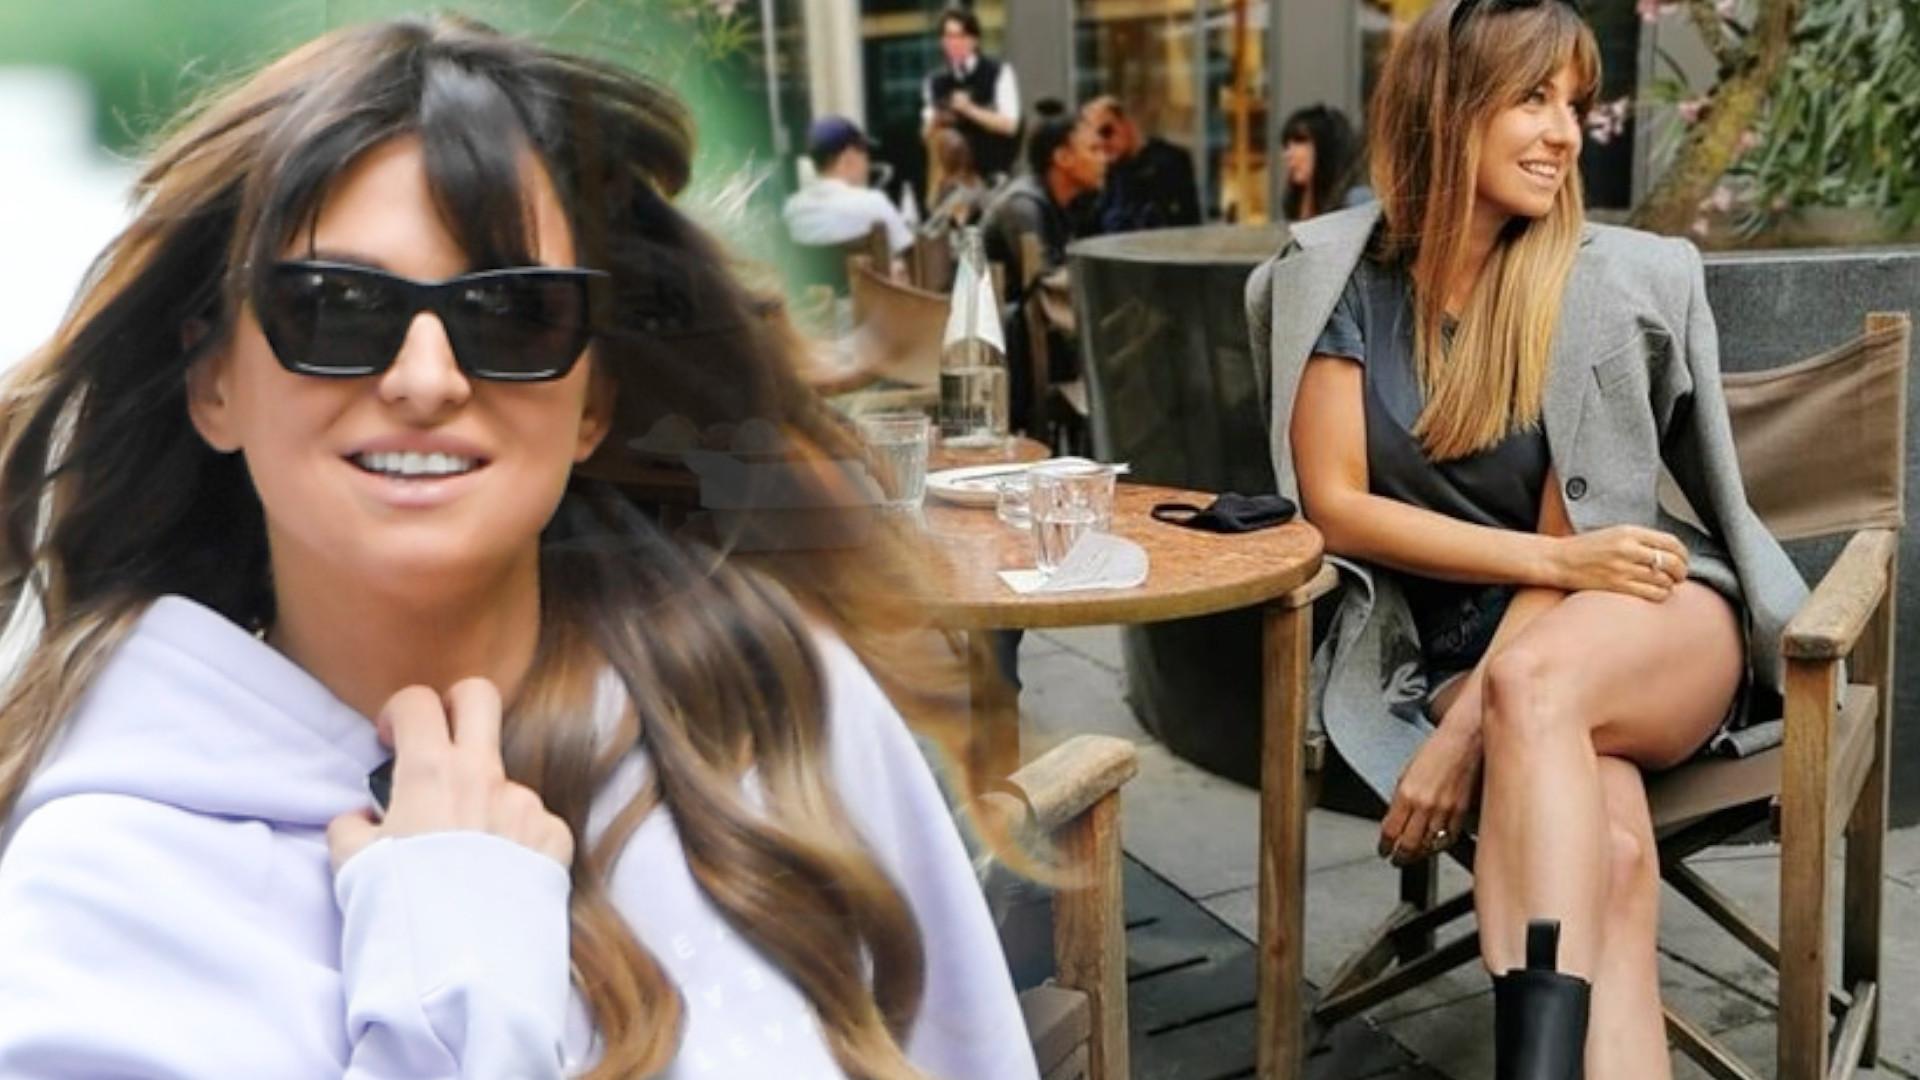 Anna Lewandowska chwali się zdjęciem z kawiarni. Powstała gorąca dyskusja na temat jej butów